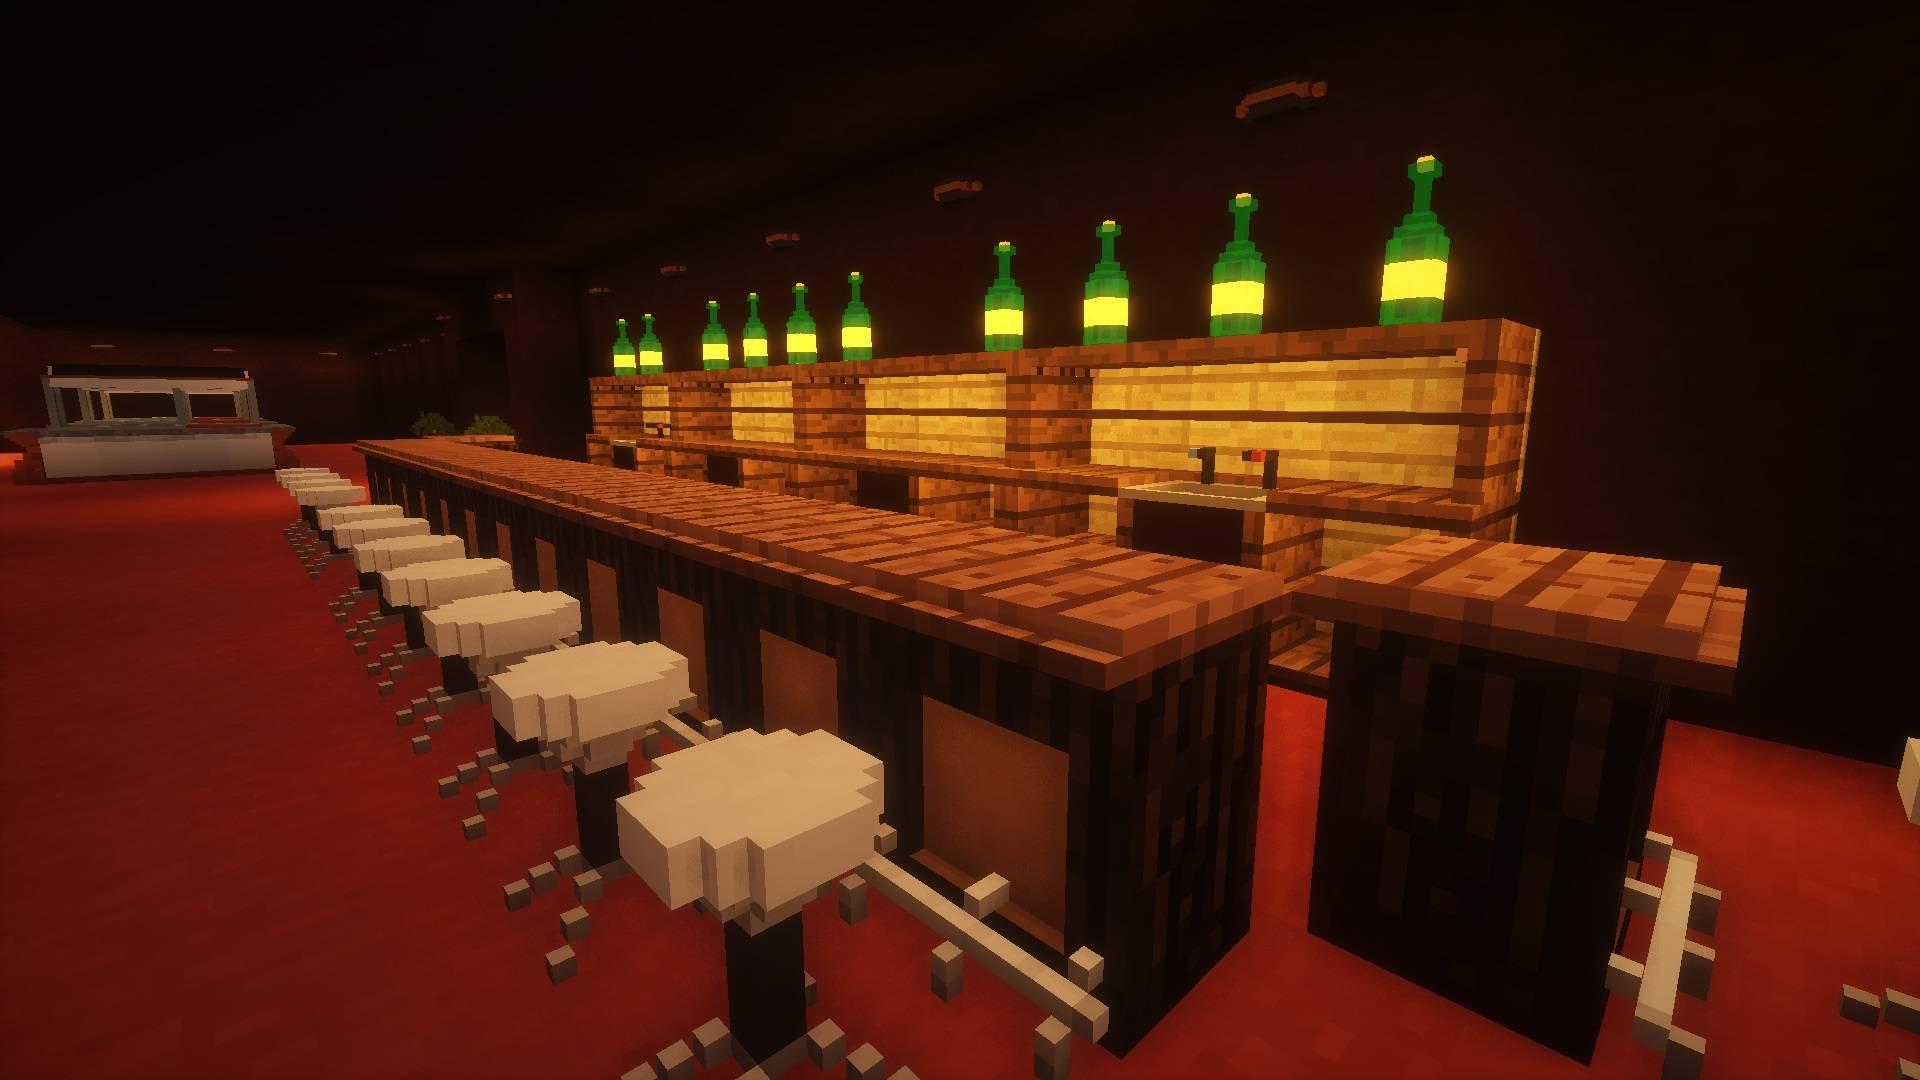 Krzesła barowe i lada barowa zbudowana przy pomocy miko bloków